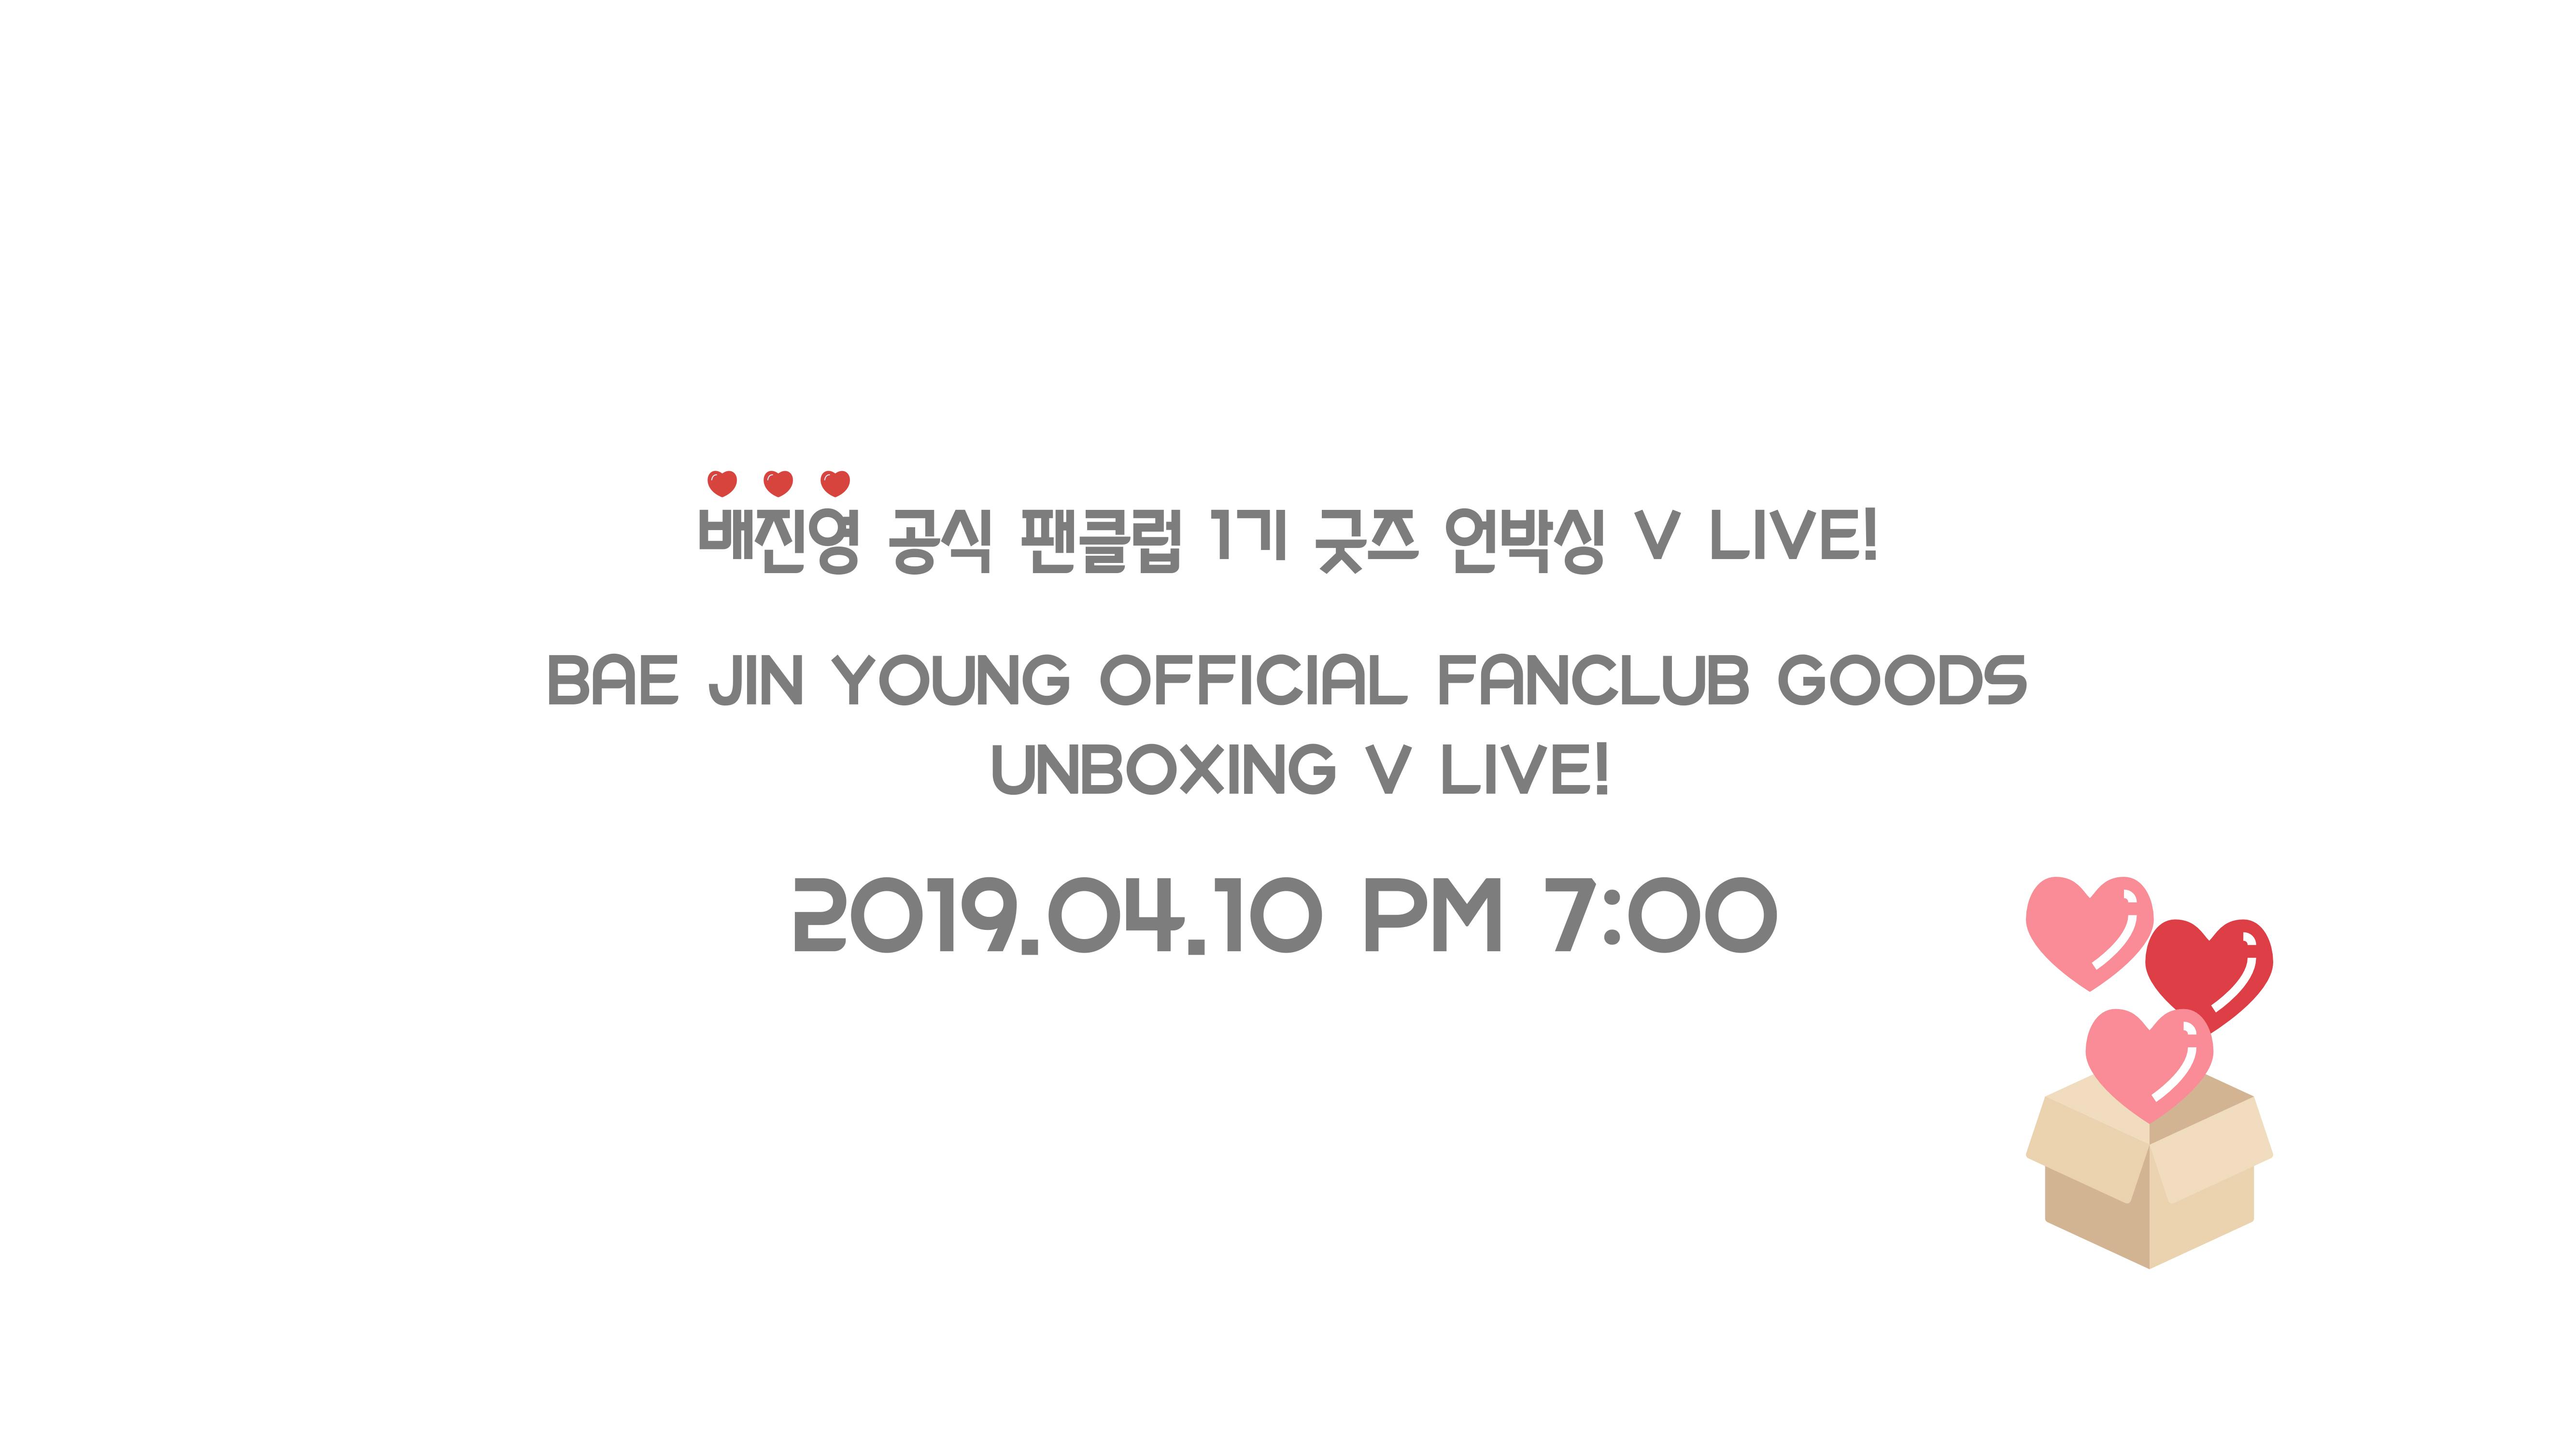 배진영 공식 팬클럽 1기 굿즈 언박싱 V LIVE!